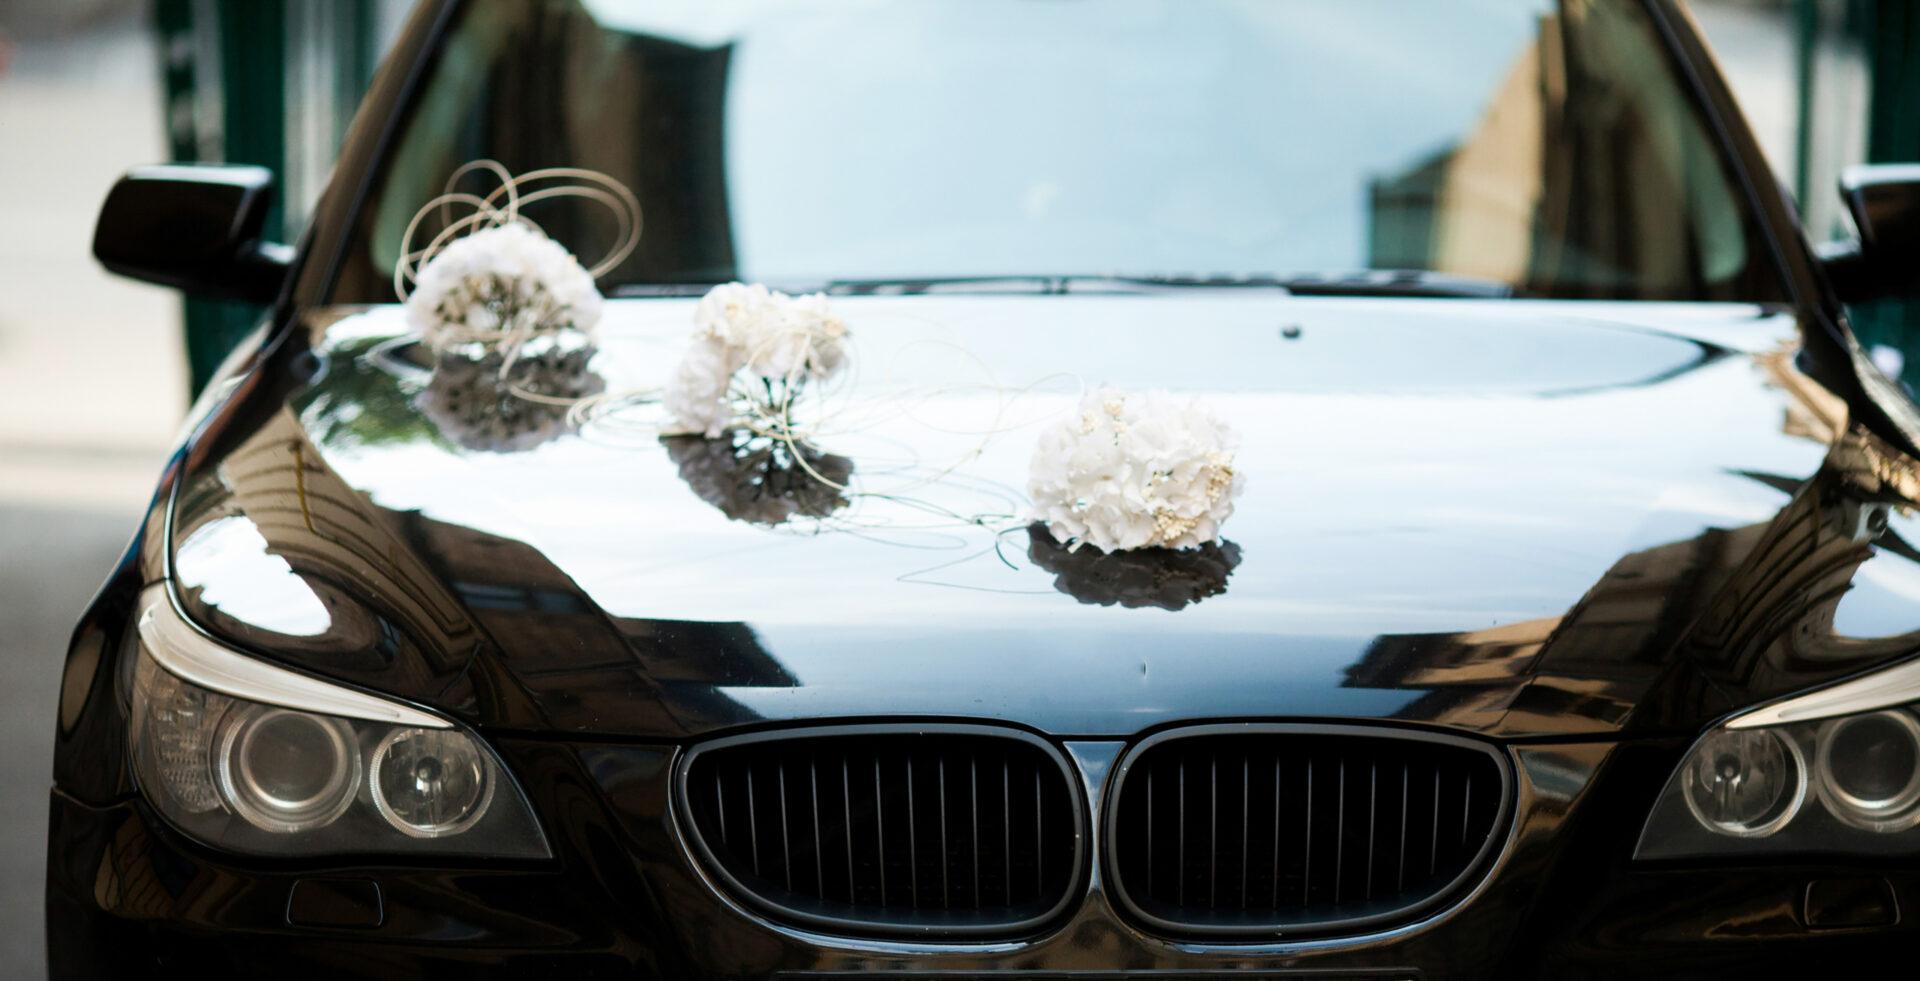 BMW INVESTISSEMENT CHINE